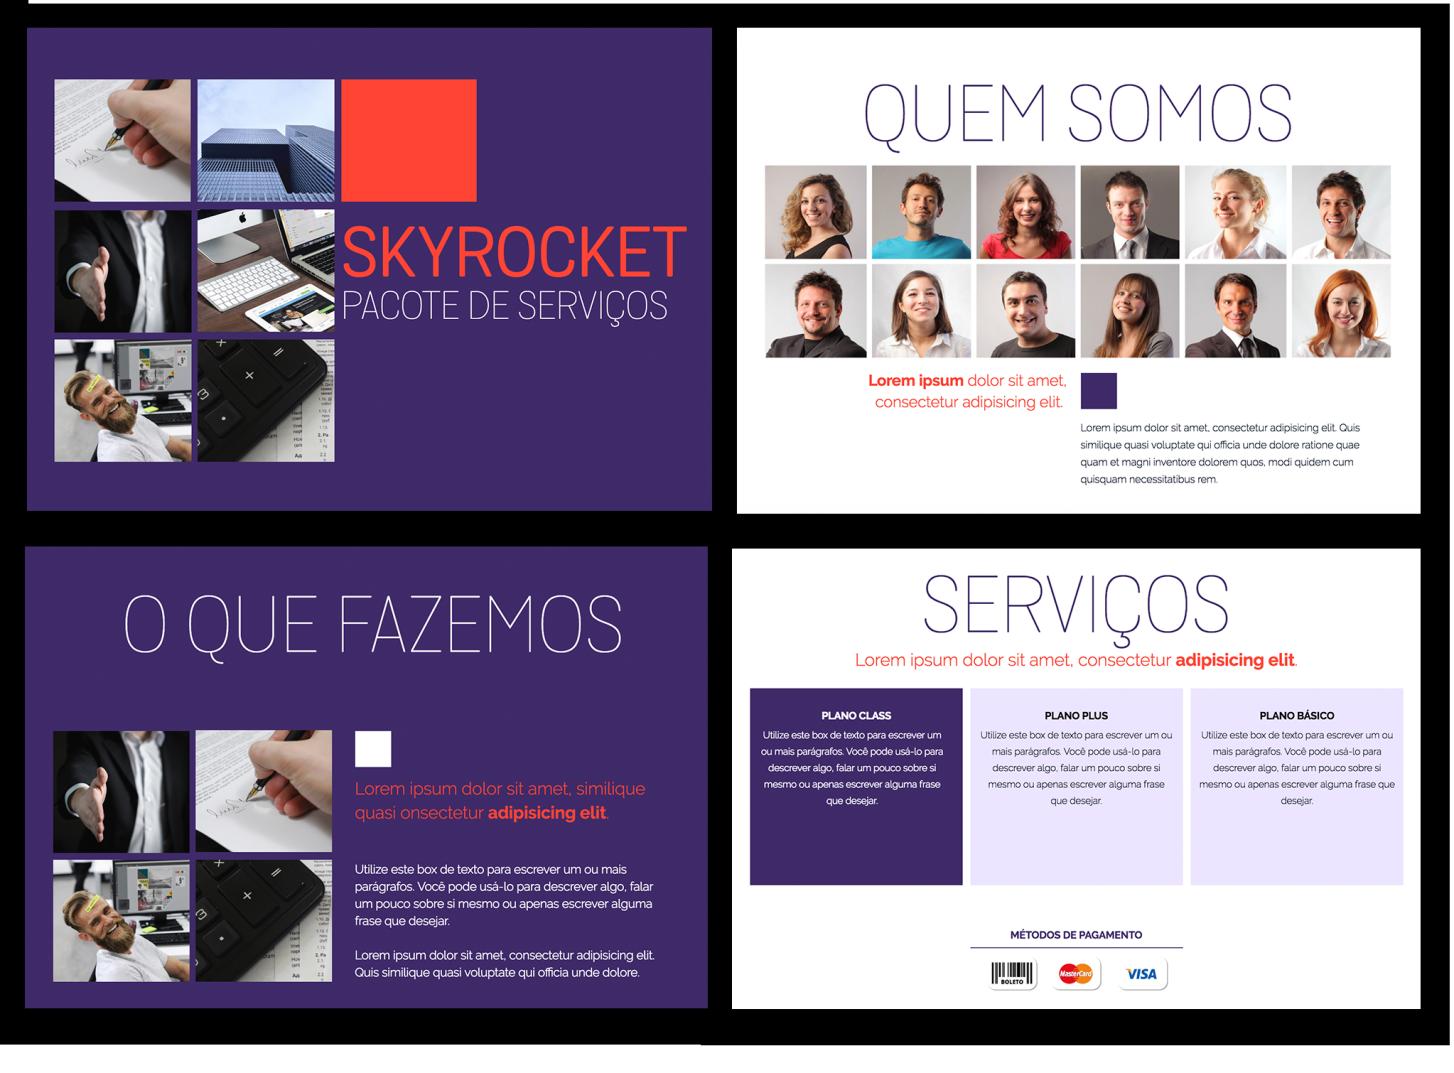 servicos proposal - Proposta de prestação de serviços : 10 formatos e modelos que fecham vendas